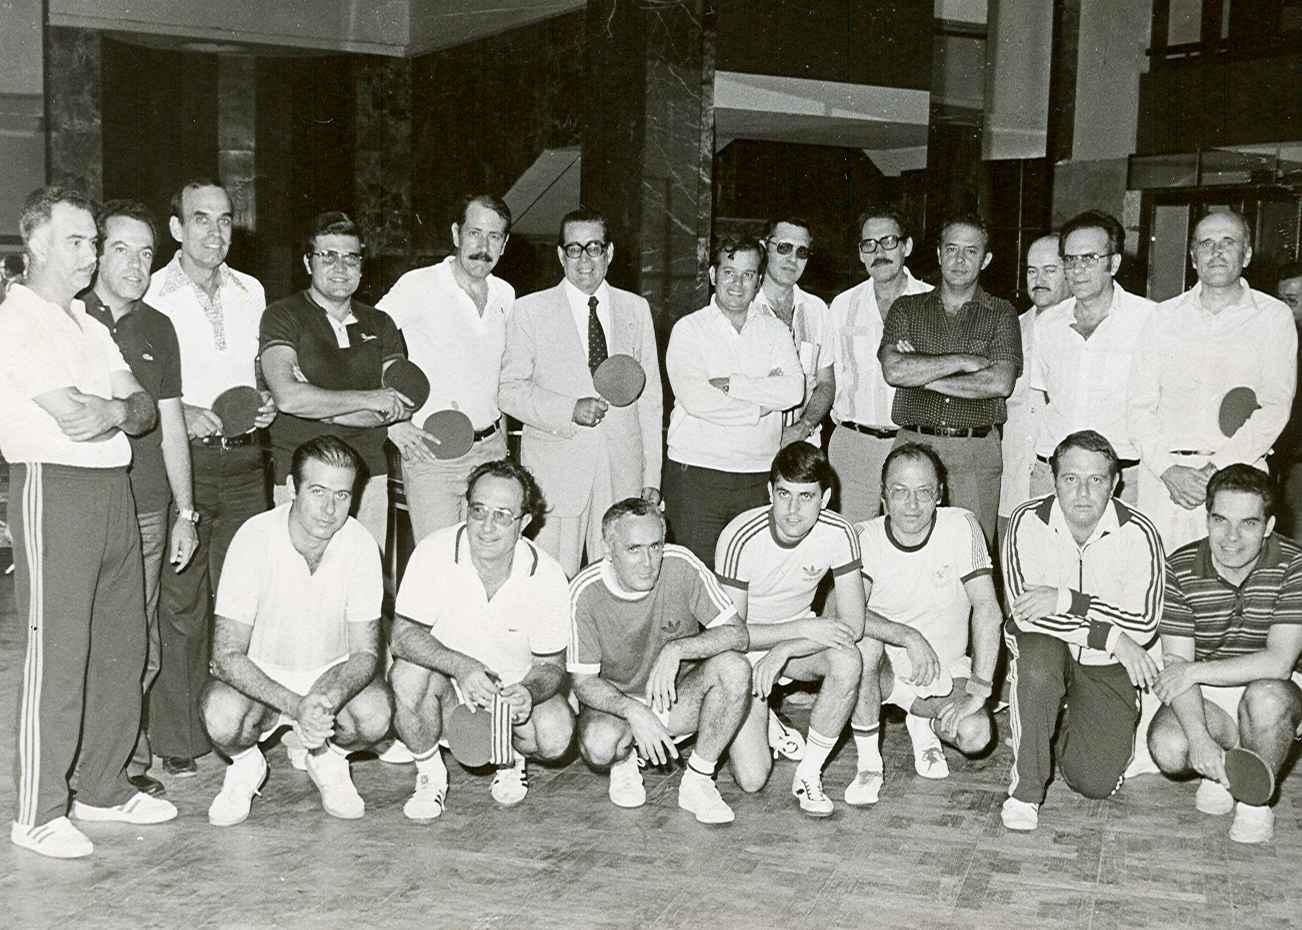 1983, Campeonato de Veteranos